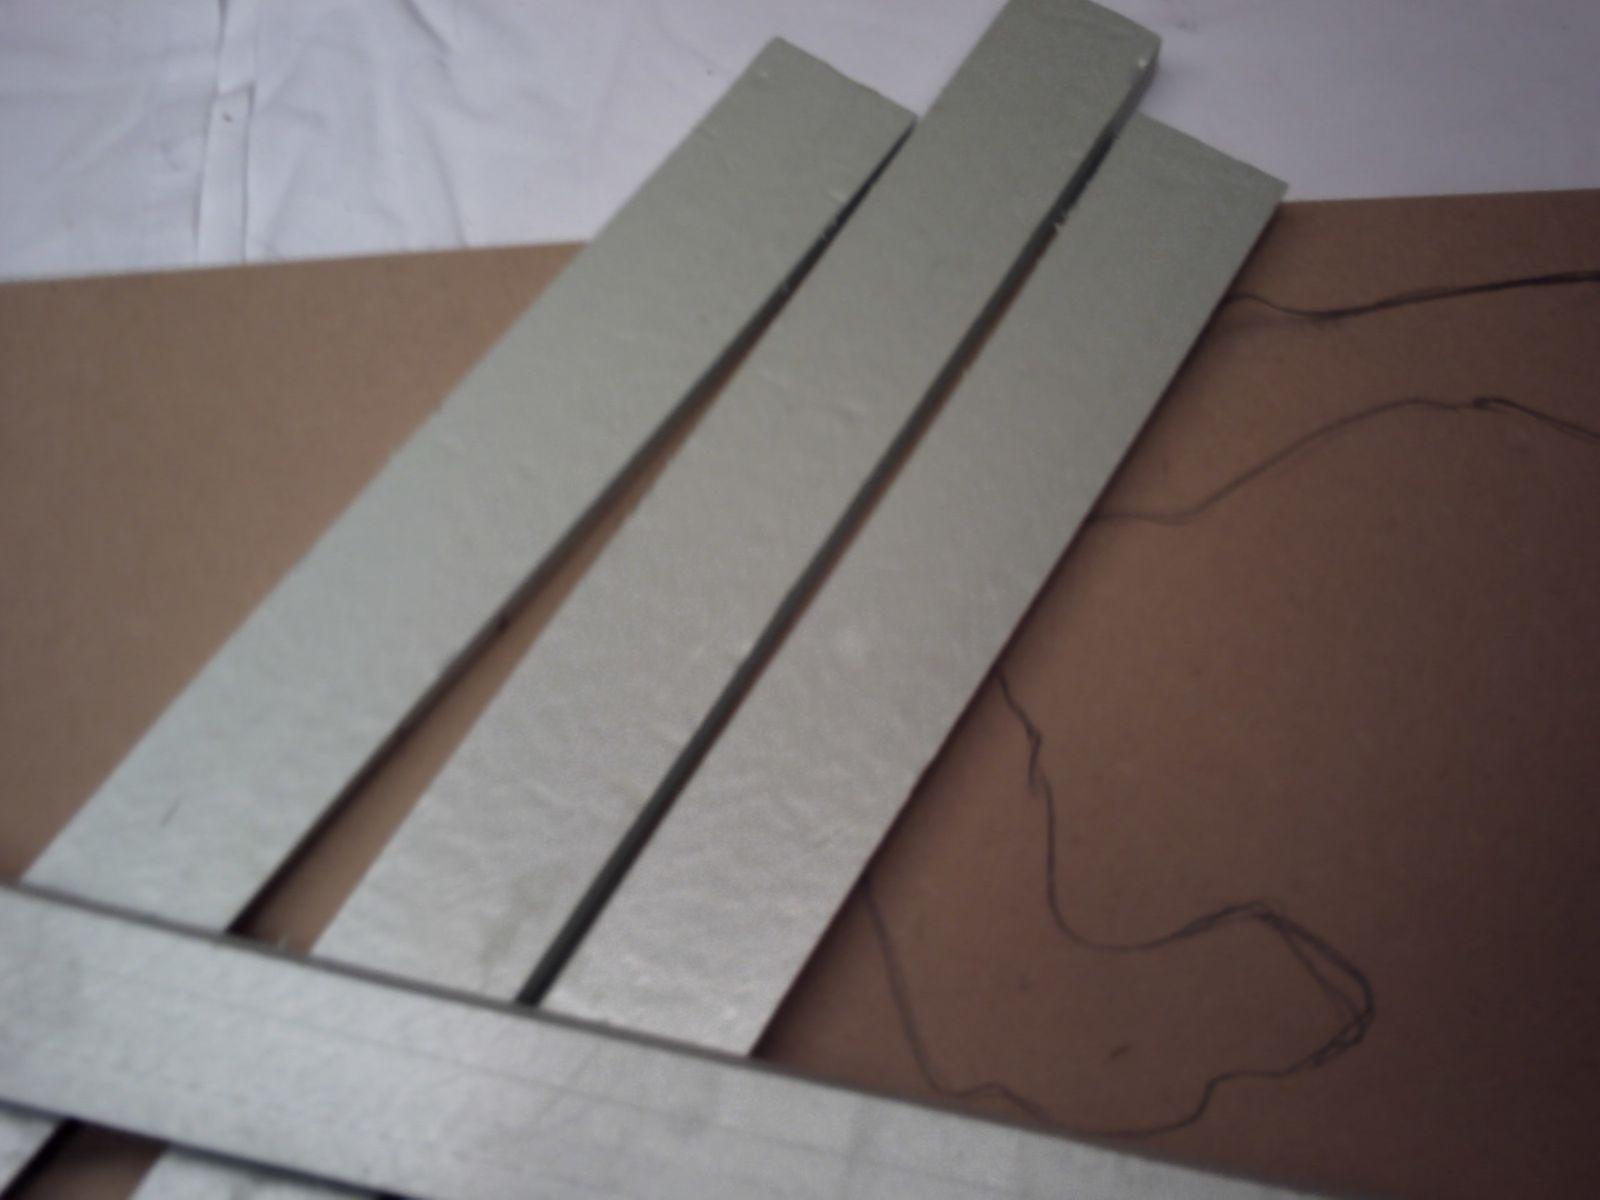 Fabrication de la creche de noel fabriquer une creche de noel - Comment fabriquer une creche de noel ...